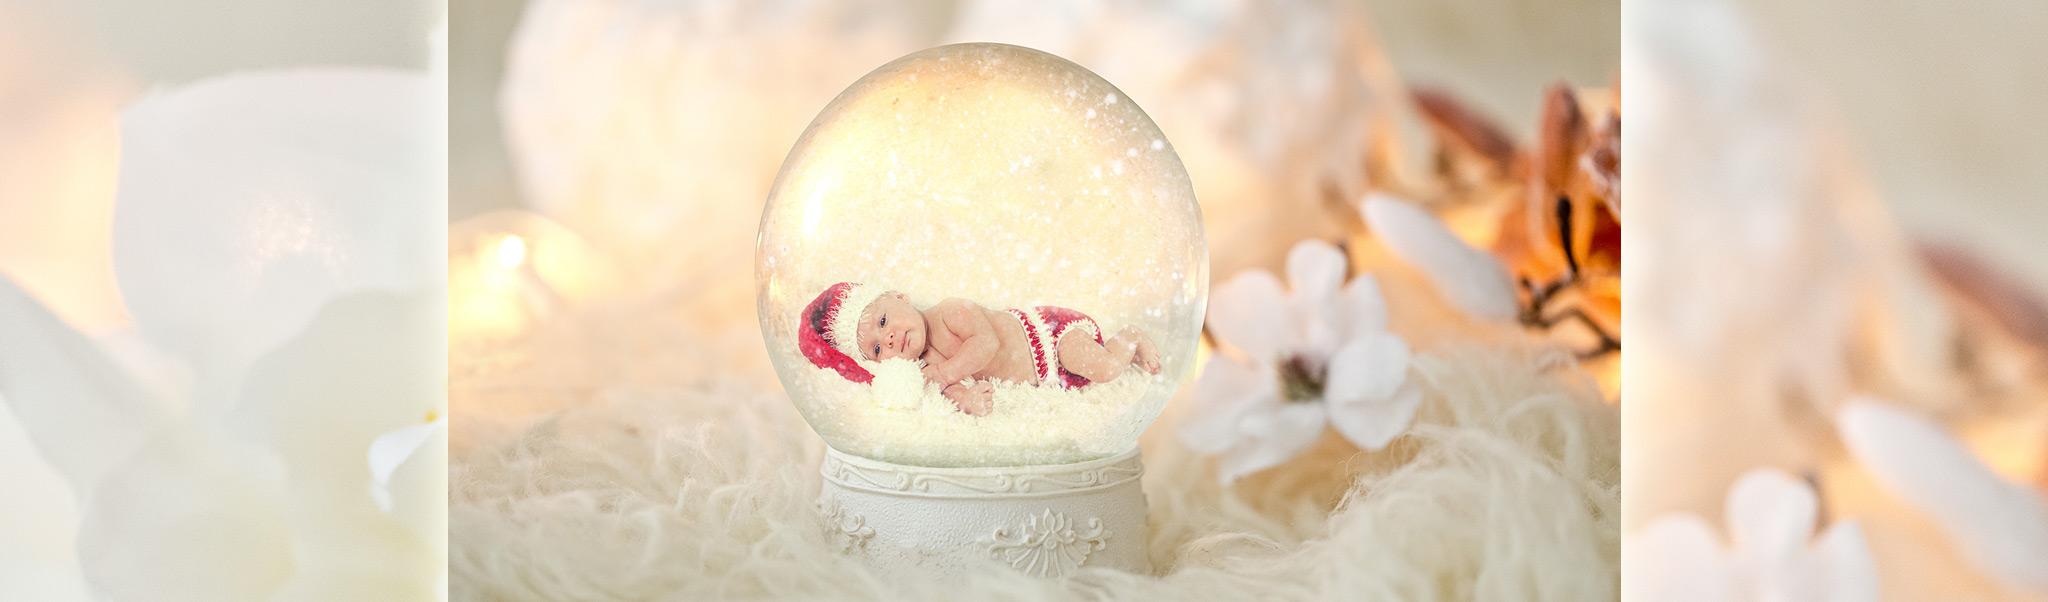 Himmlische Weihnachtsfotografie